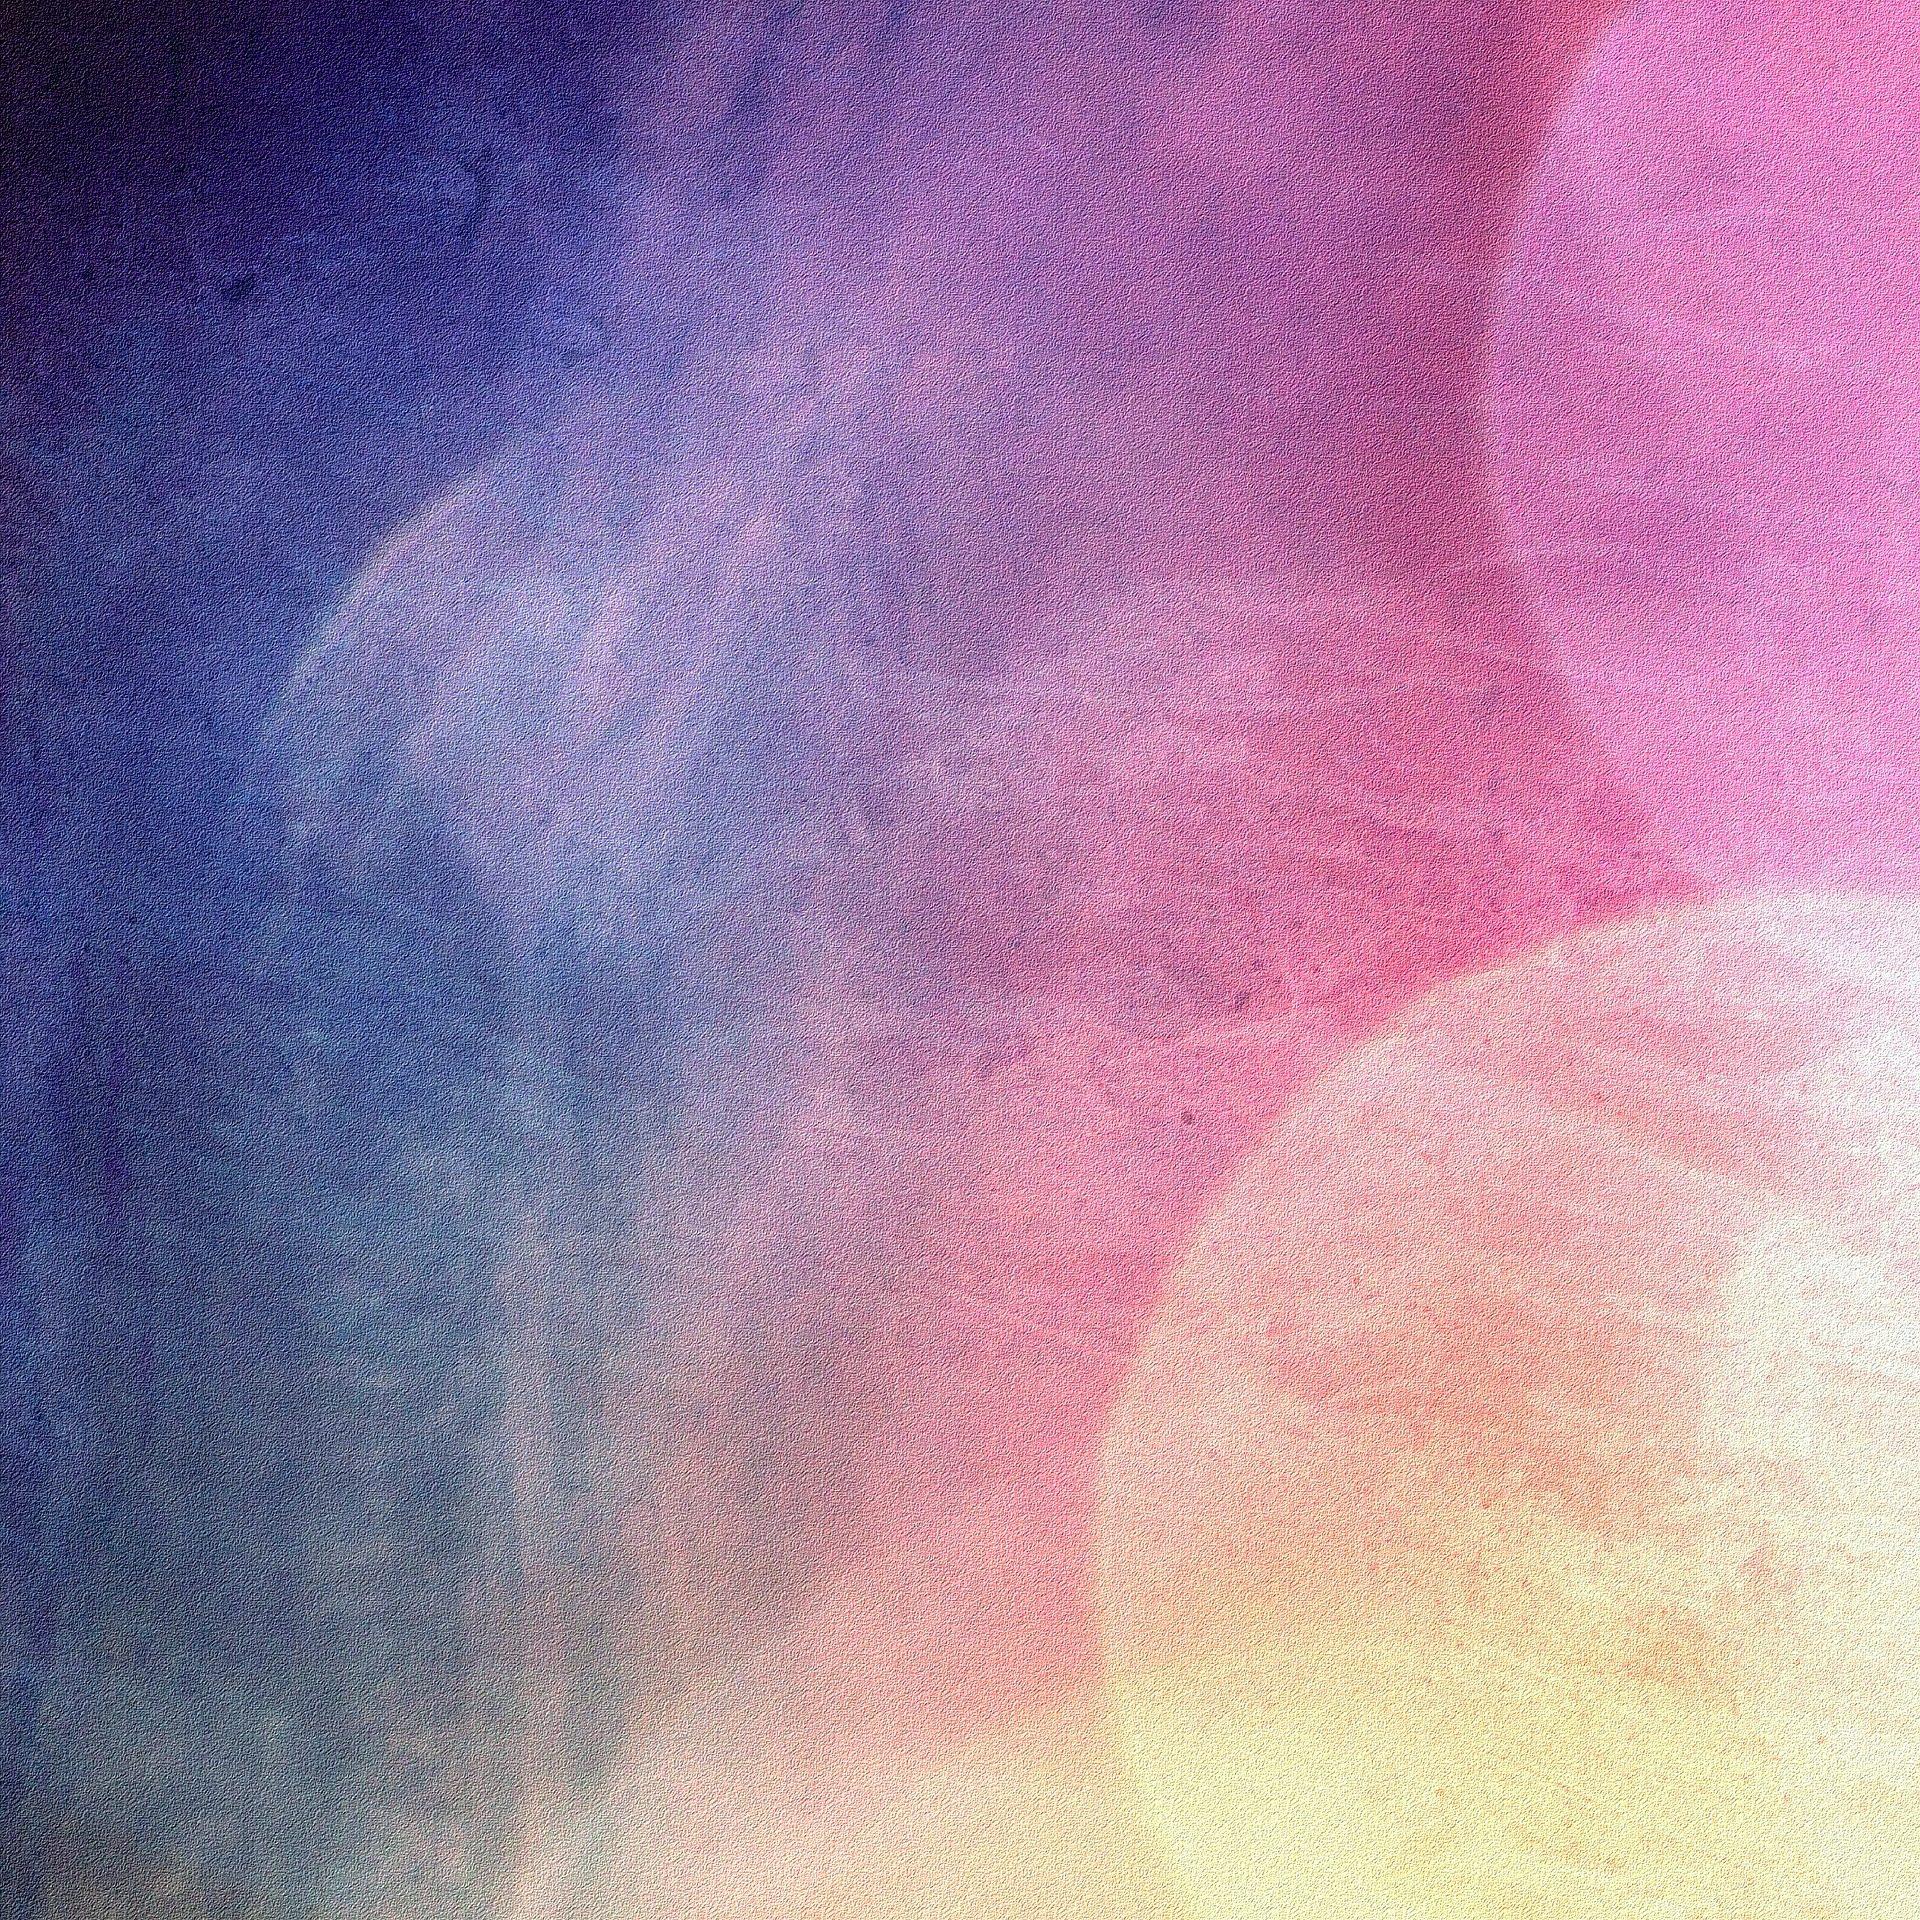 luci, colori, aloni, lampeggia, colorato - Sfondi HD - Professor-falken.com